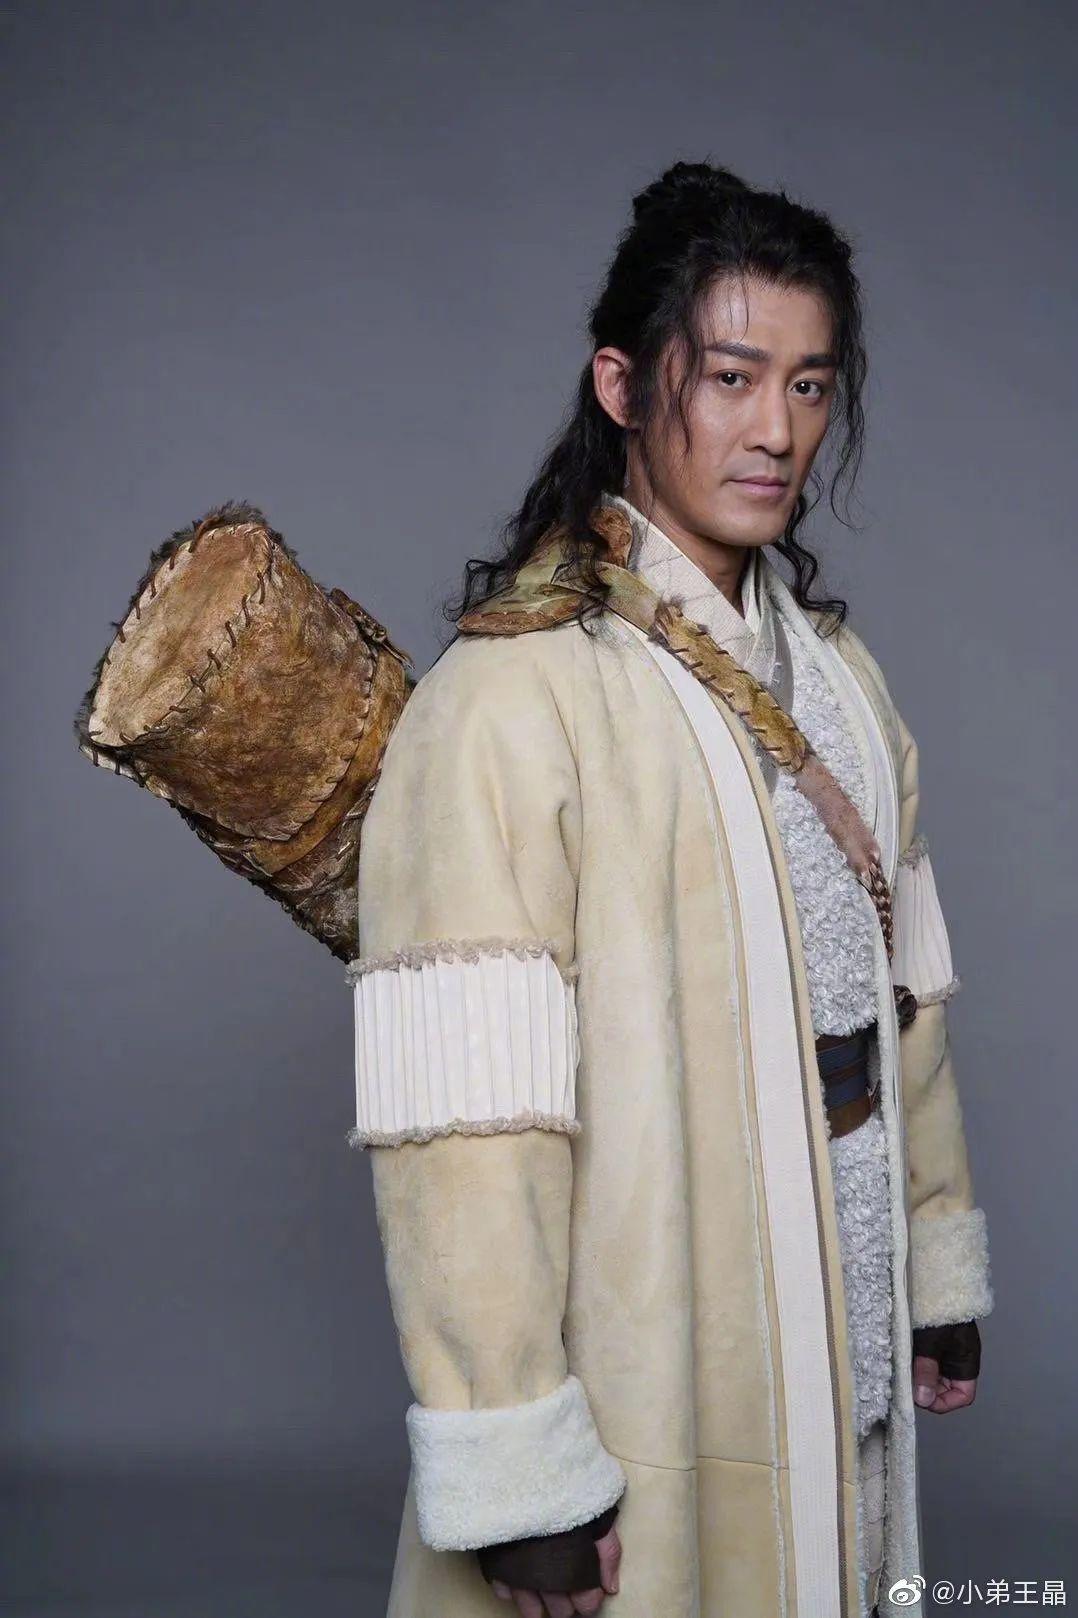 王晶将拍摄新电影版《倚天屠龙记》,公布满员阵容_图片 No.2